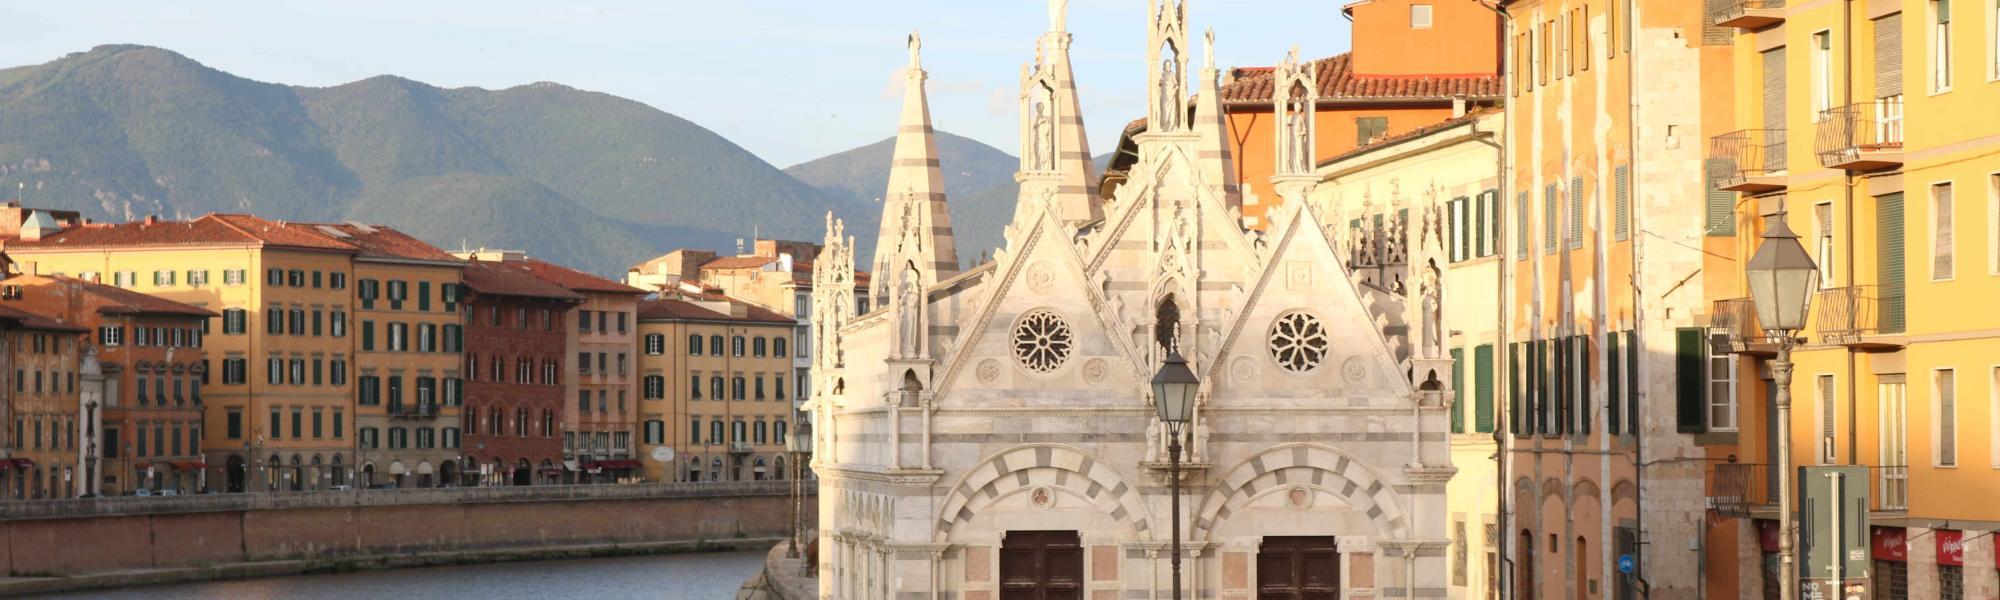 Veduta Chiesa Santa Maria della Spina (A. Matteucci)